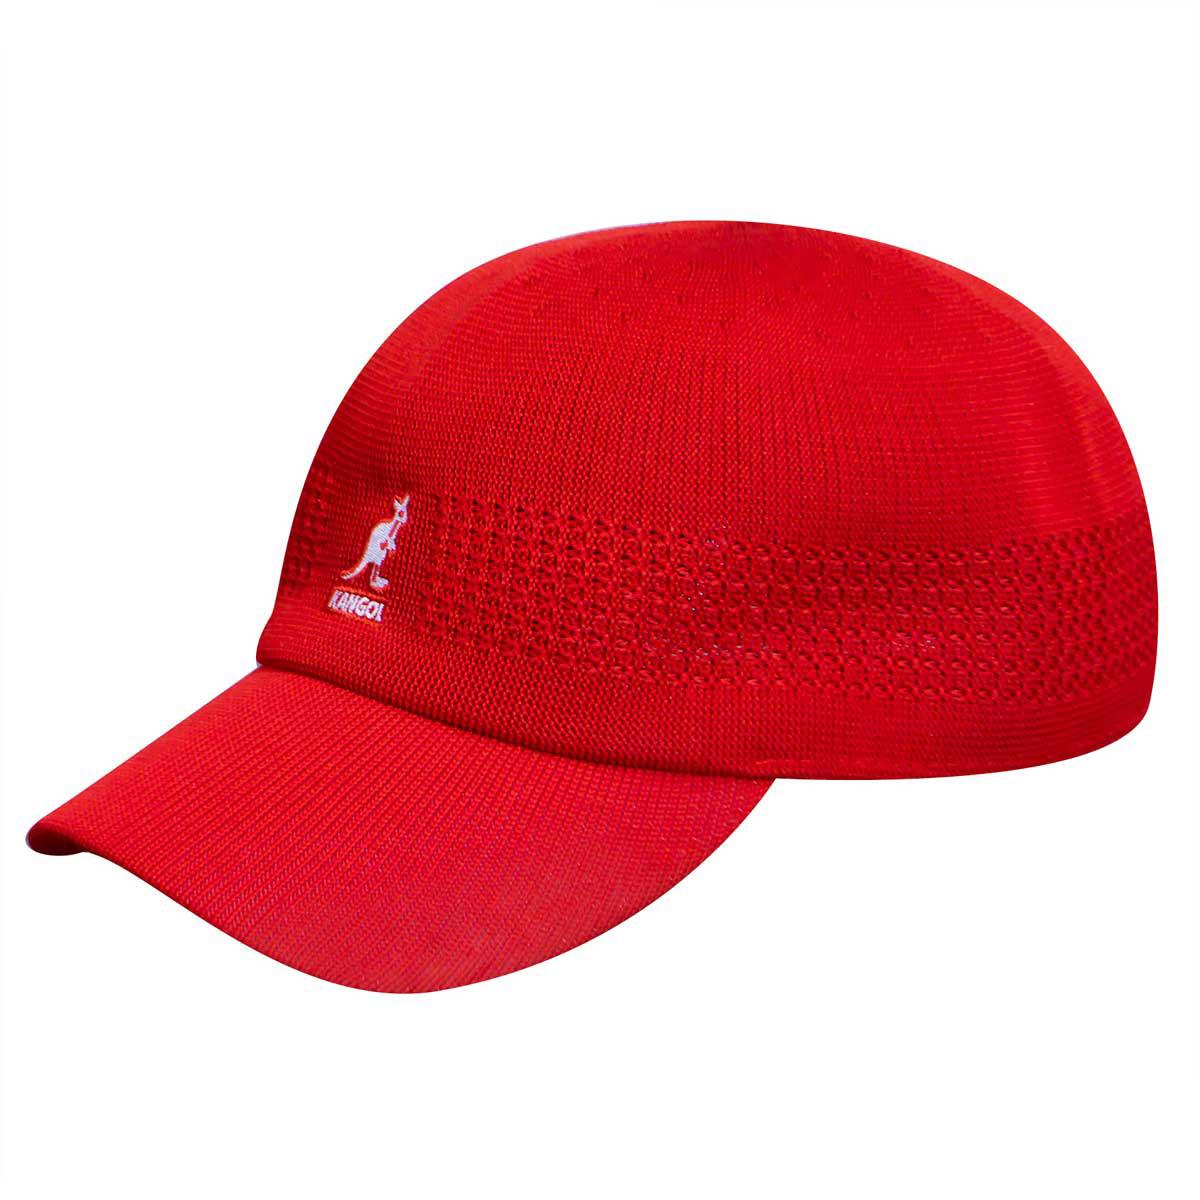 Tropic Ventair Spacecap - Rojo/L